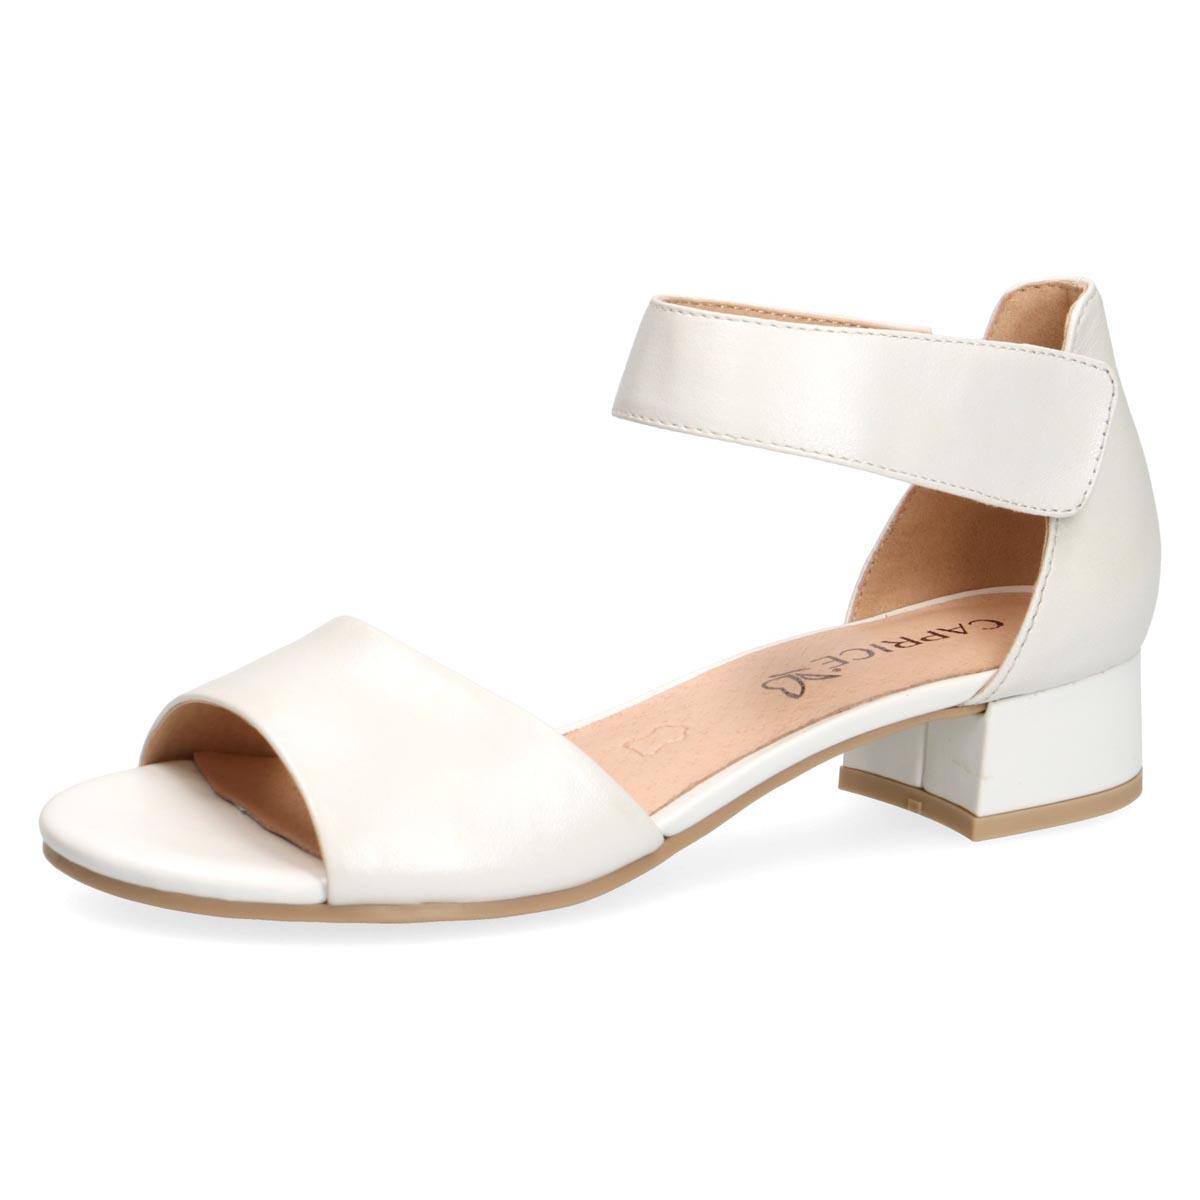 Flo White - Caprice White Shimmer Summer Sandal